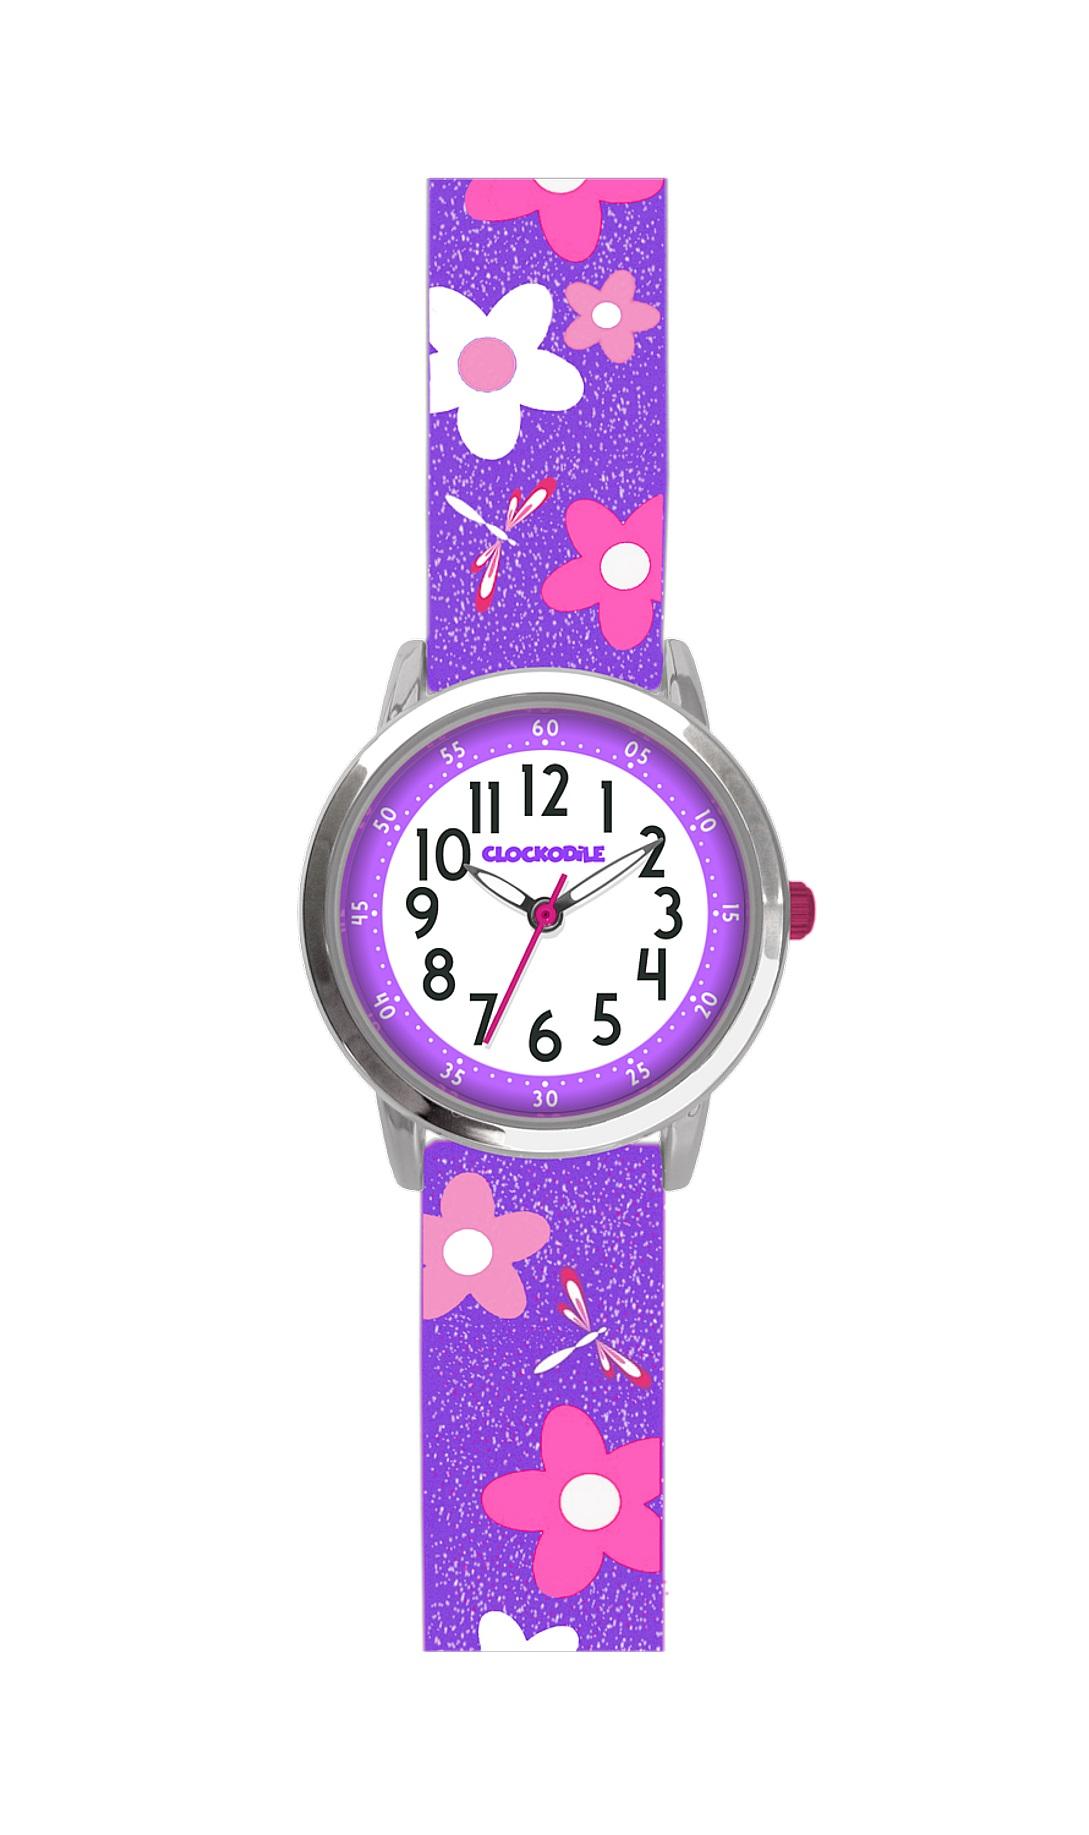 Květované fialové dívčí hodinky CLOCKODILE FLOWERS se třpytkami CWG5021